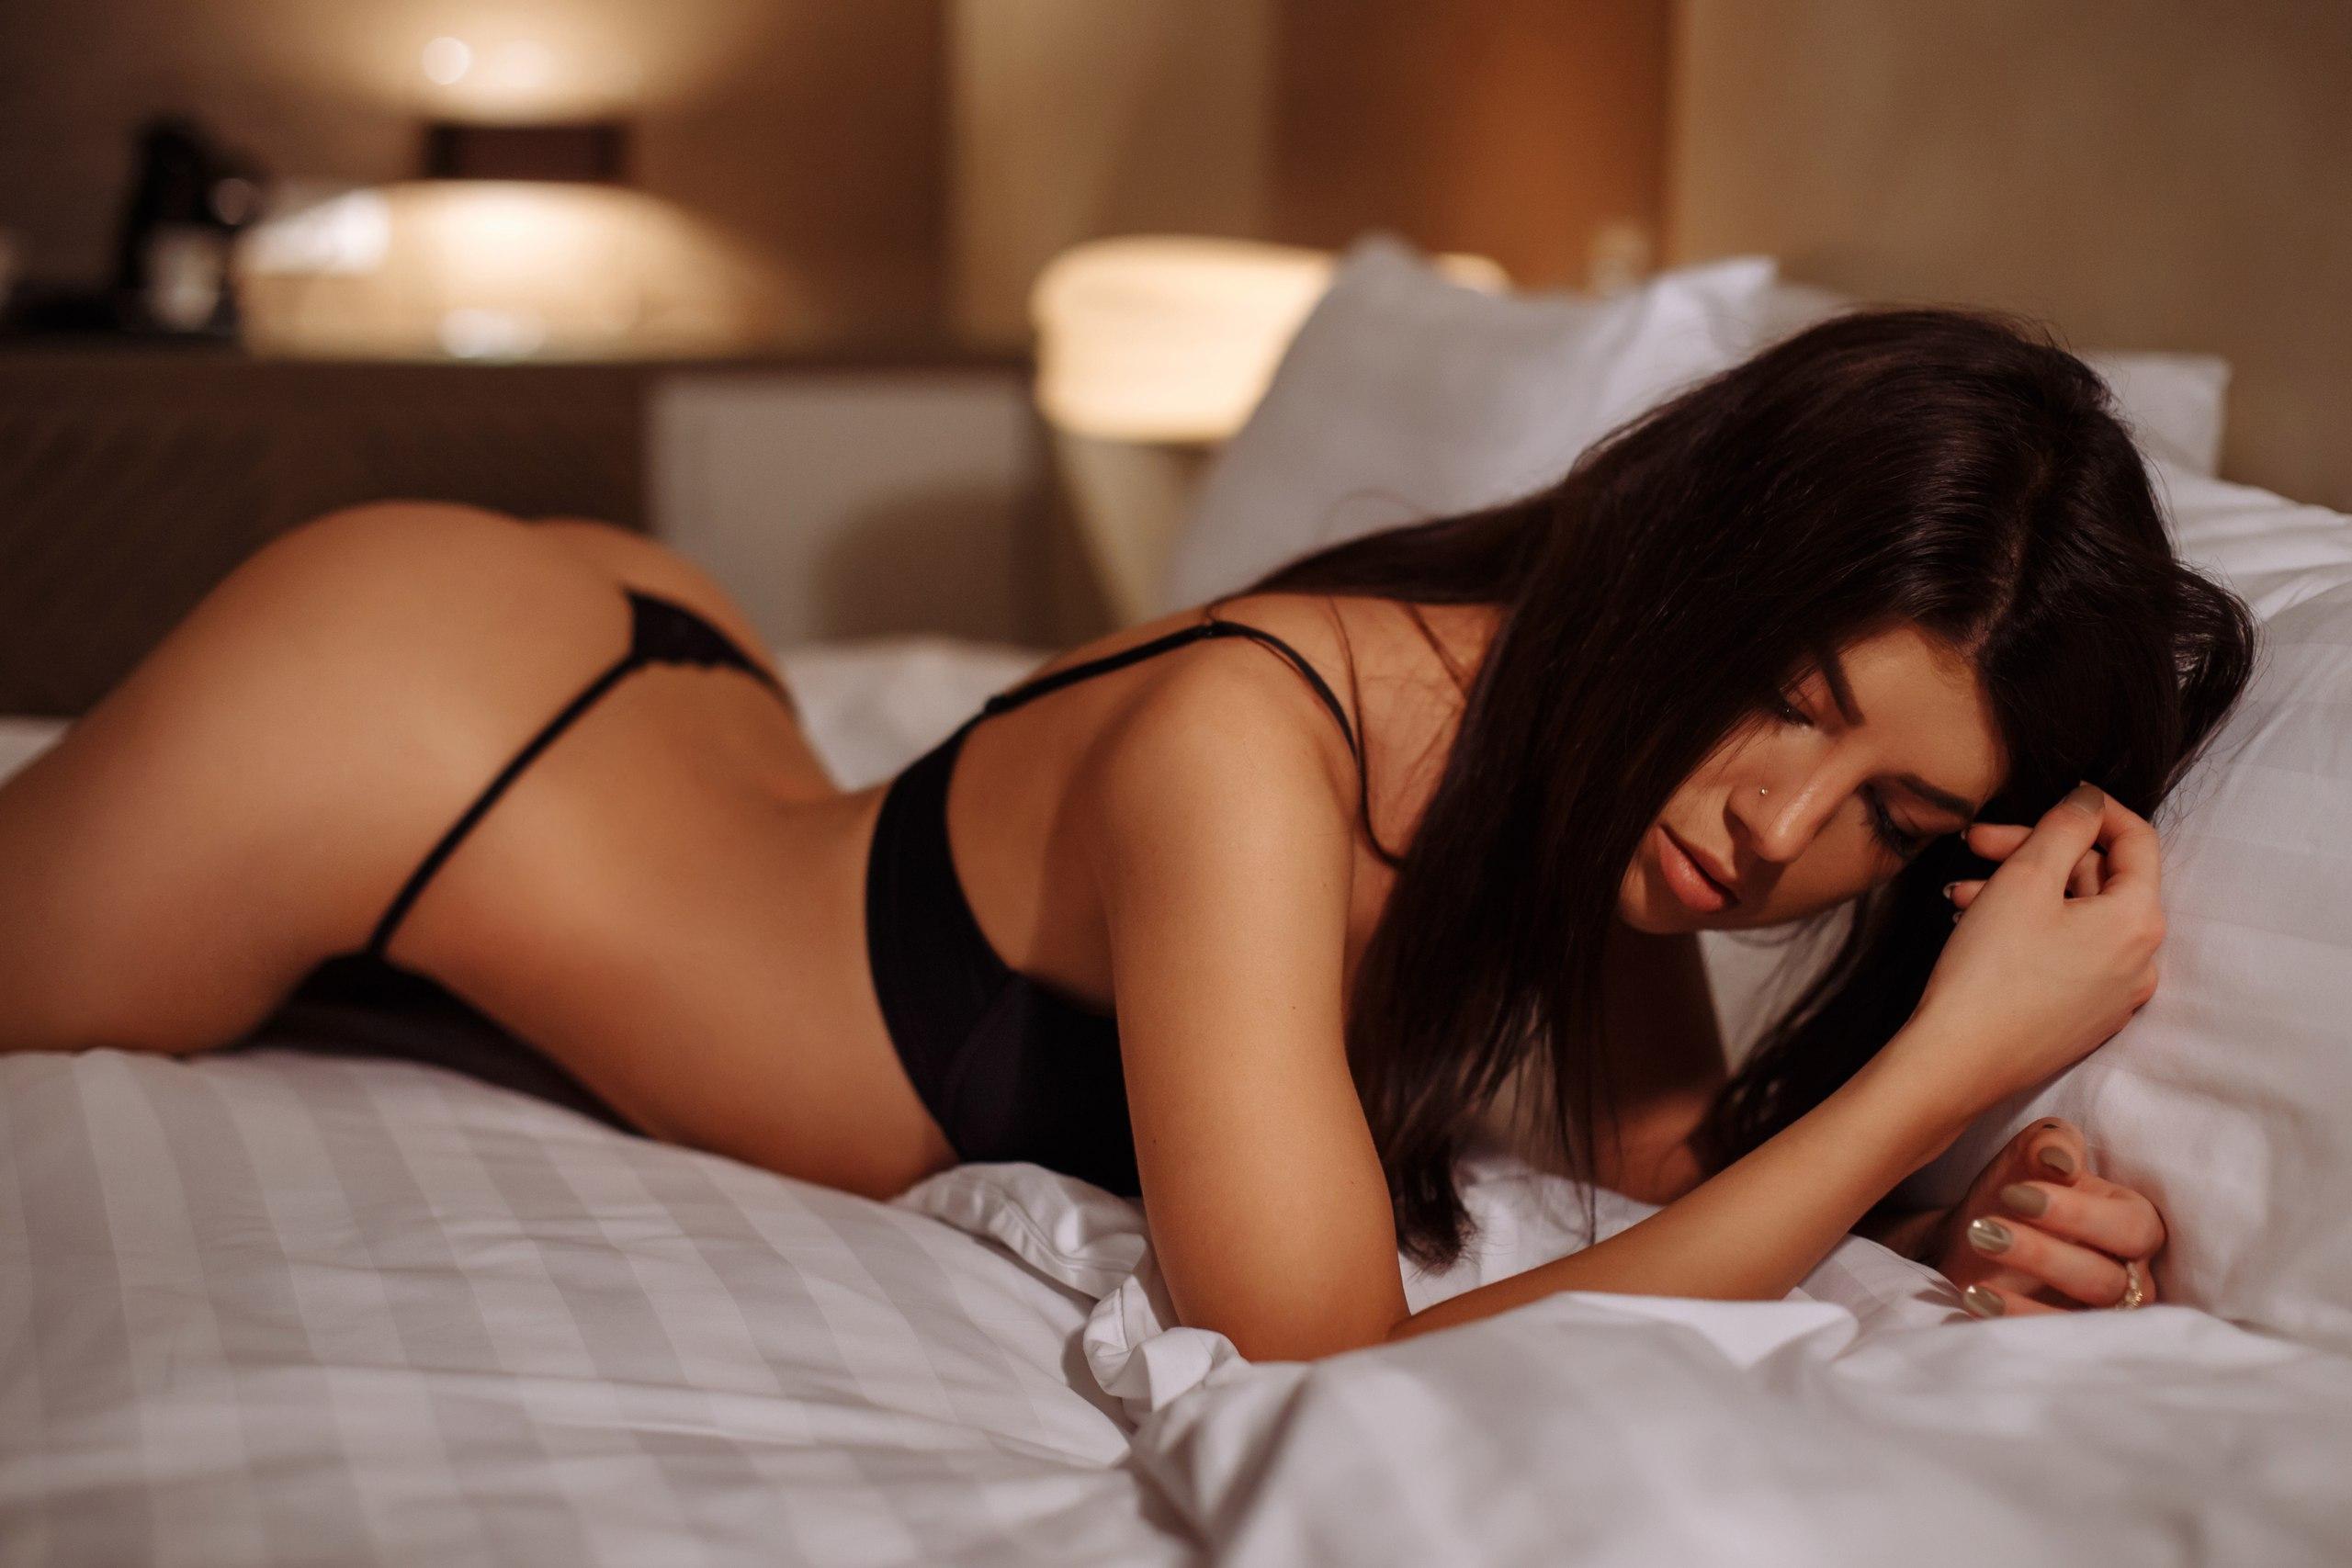 Фото девушек брюнеток в постели по домашнему, Голые жены в постели (34 фото) Частное 12 фотография